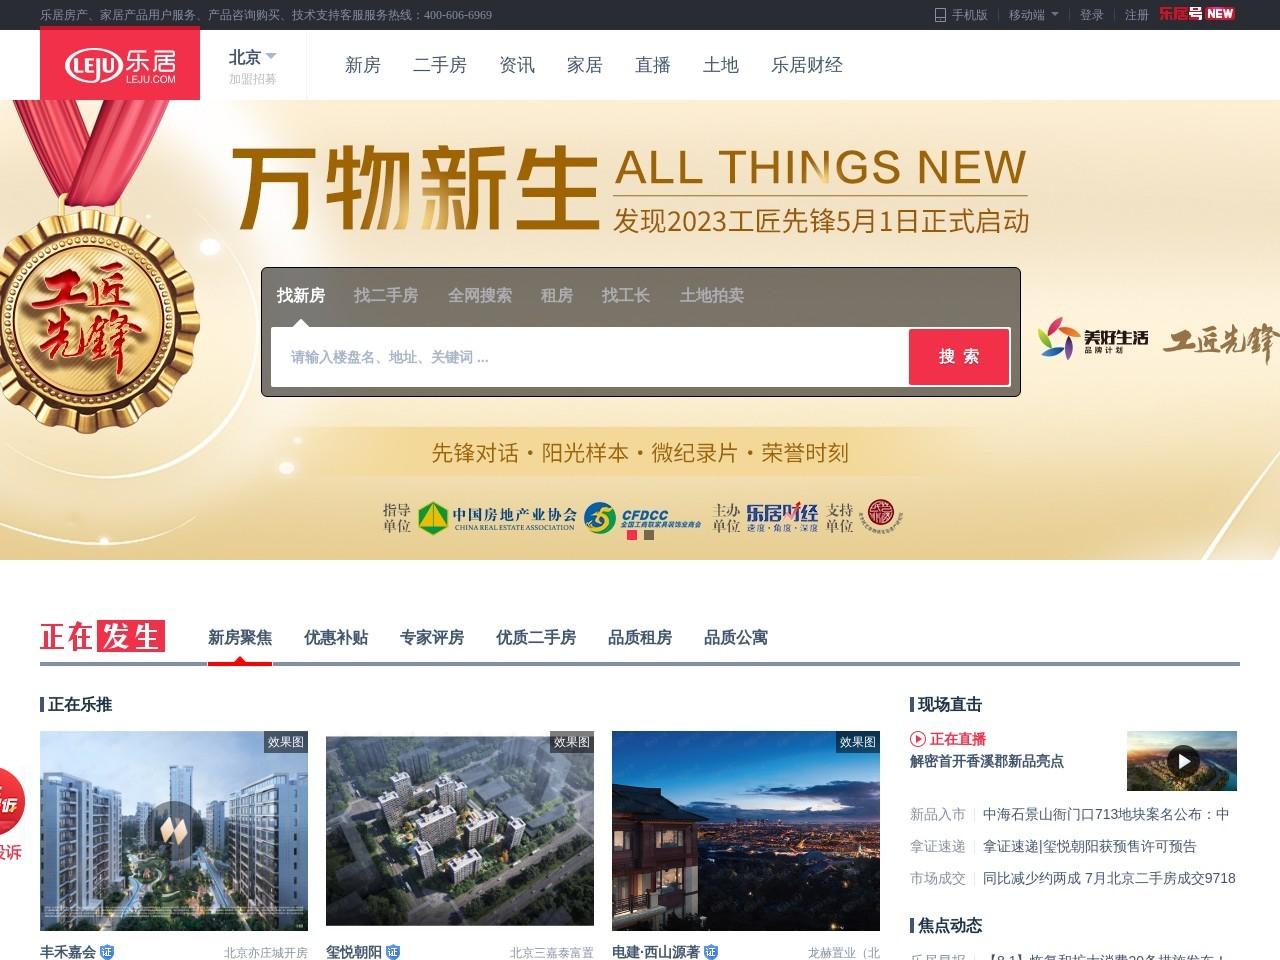 【北京房产网】北京房产信息网,找新房,二手房,租房上乐居-北京乐居